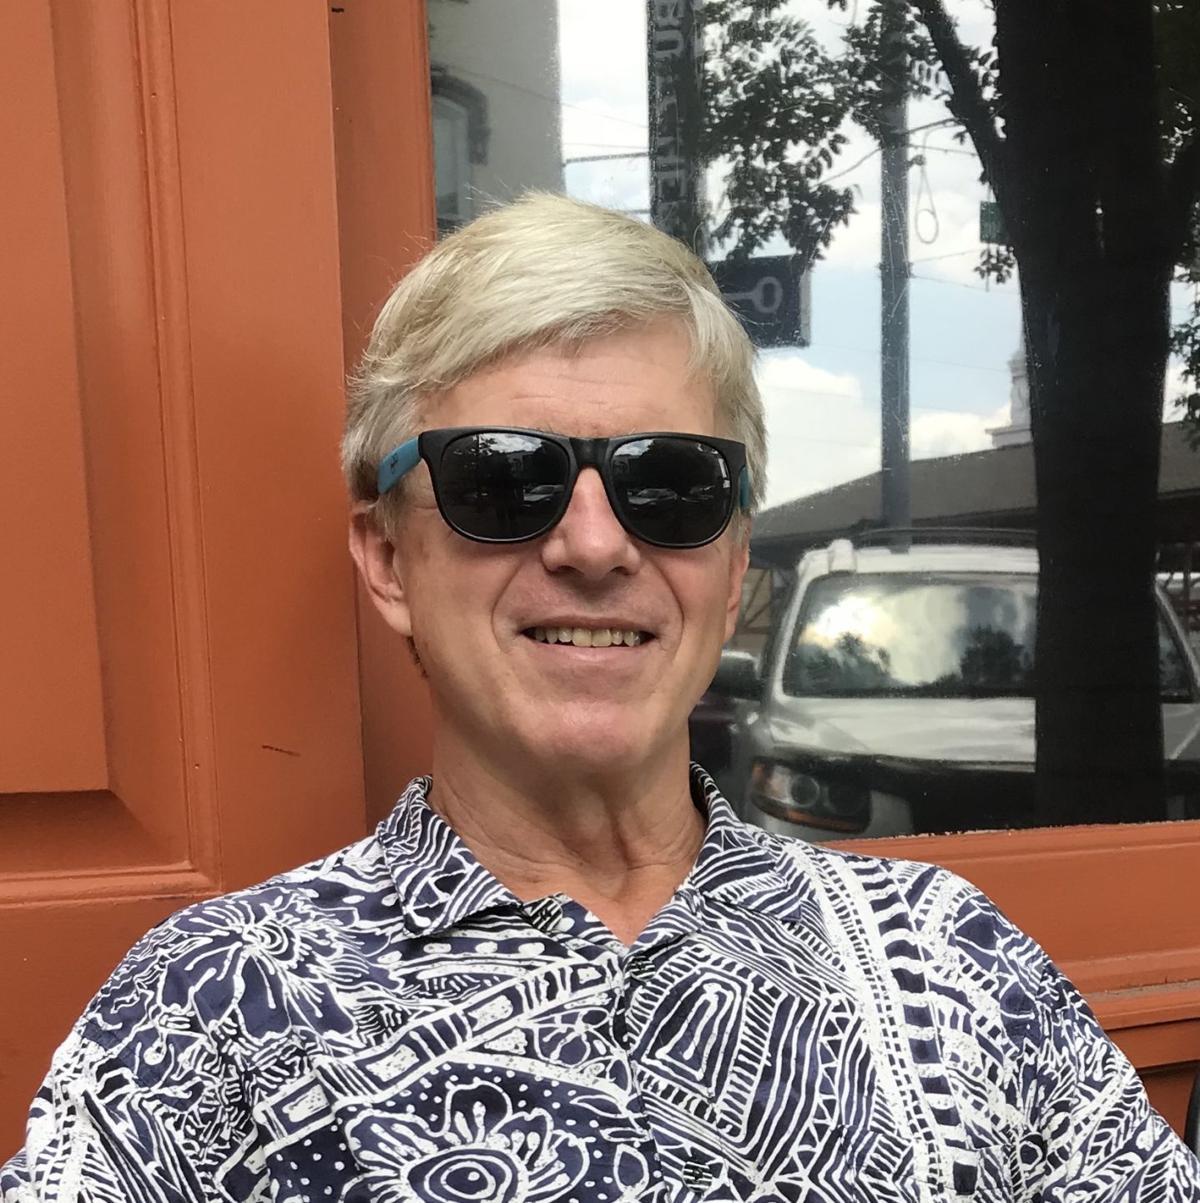 MAN ON THE STREET Greg Wolverton